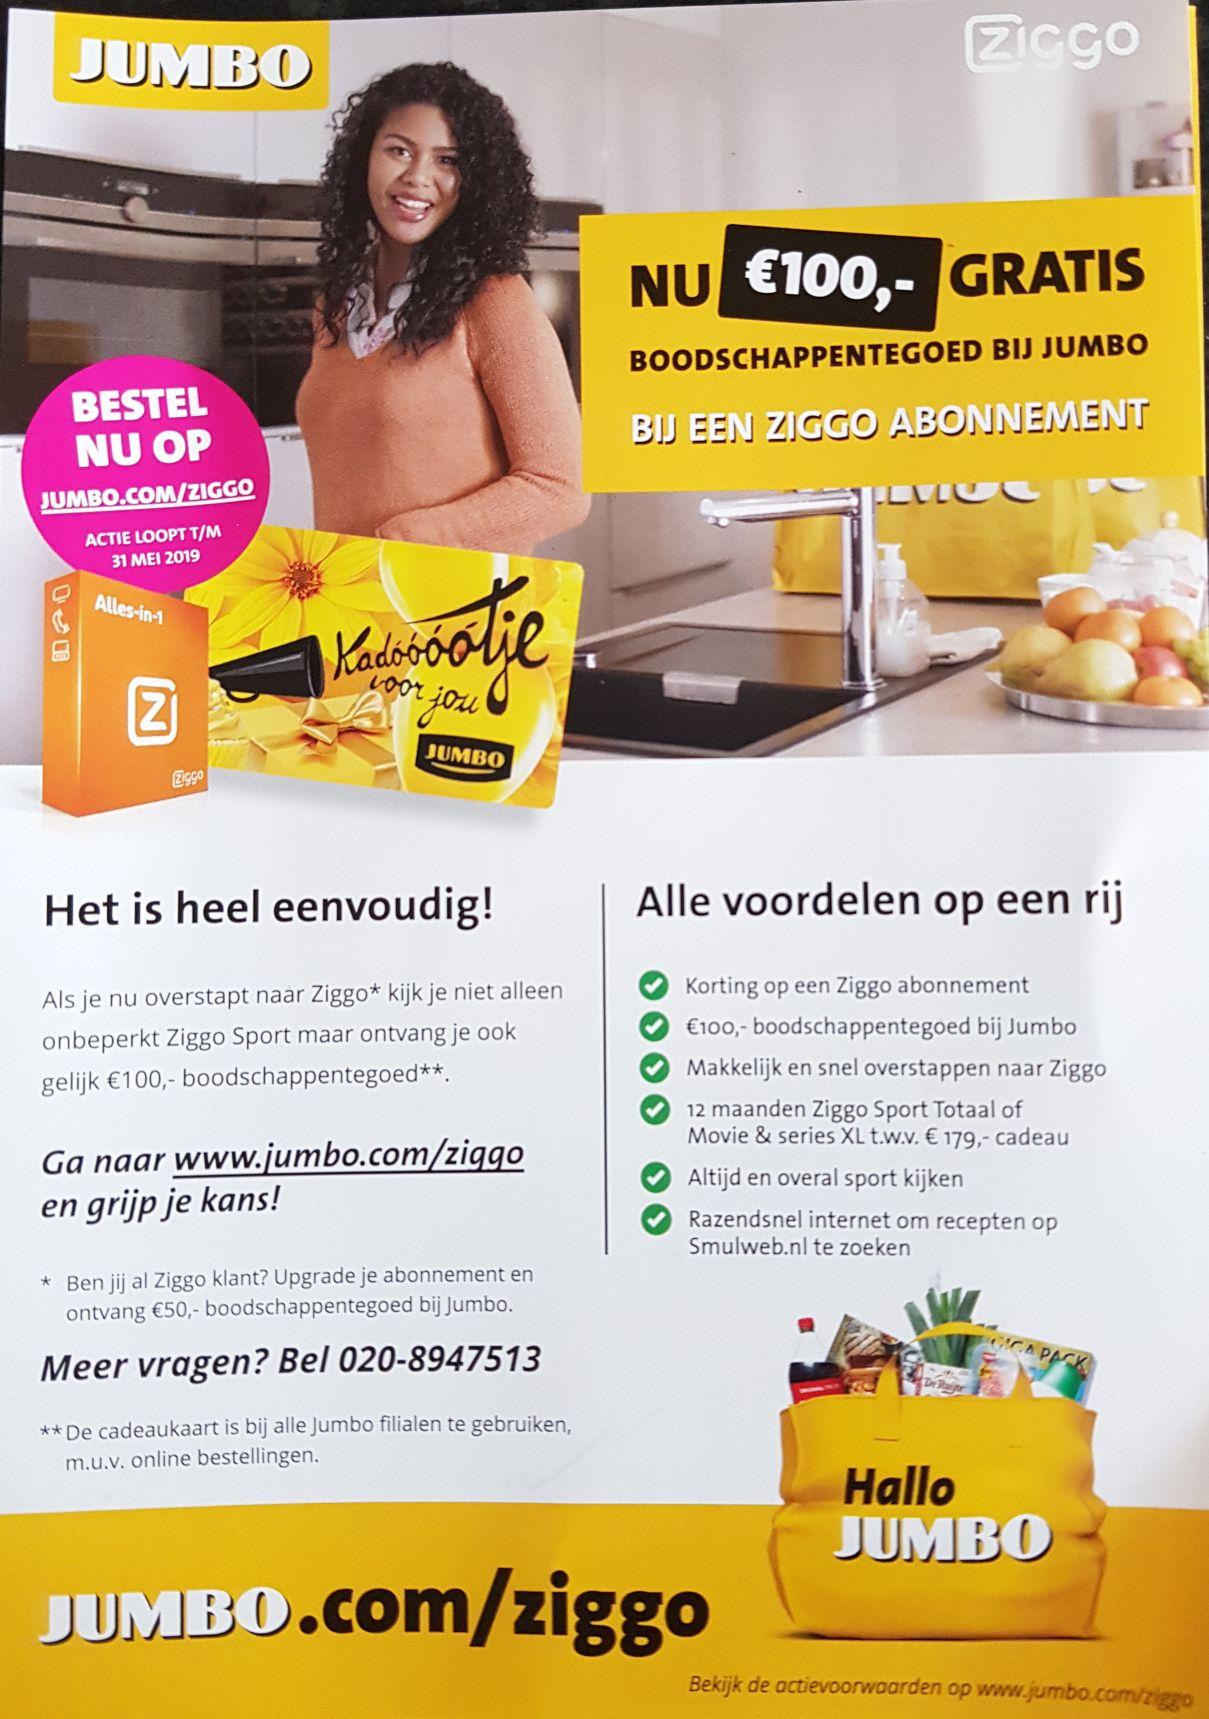 €100, - Jumbo boodschappentegoed voor (nieuwe) Ziggo klanten